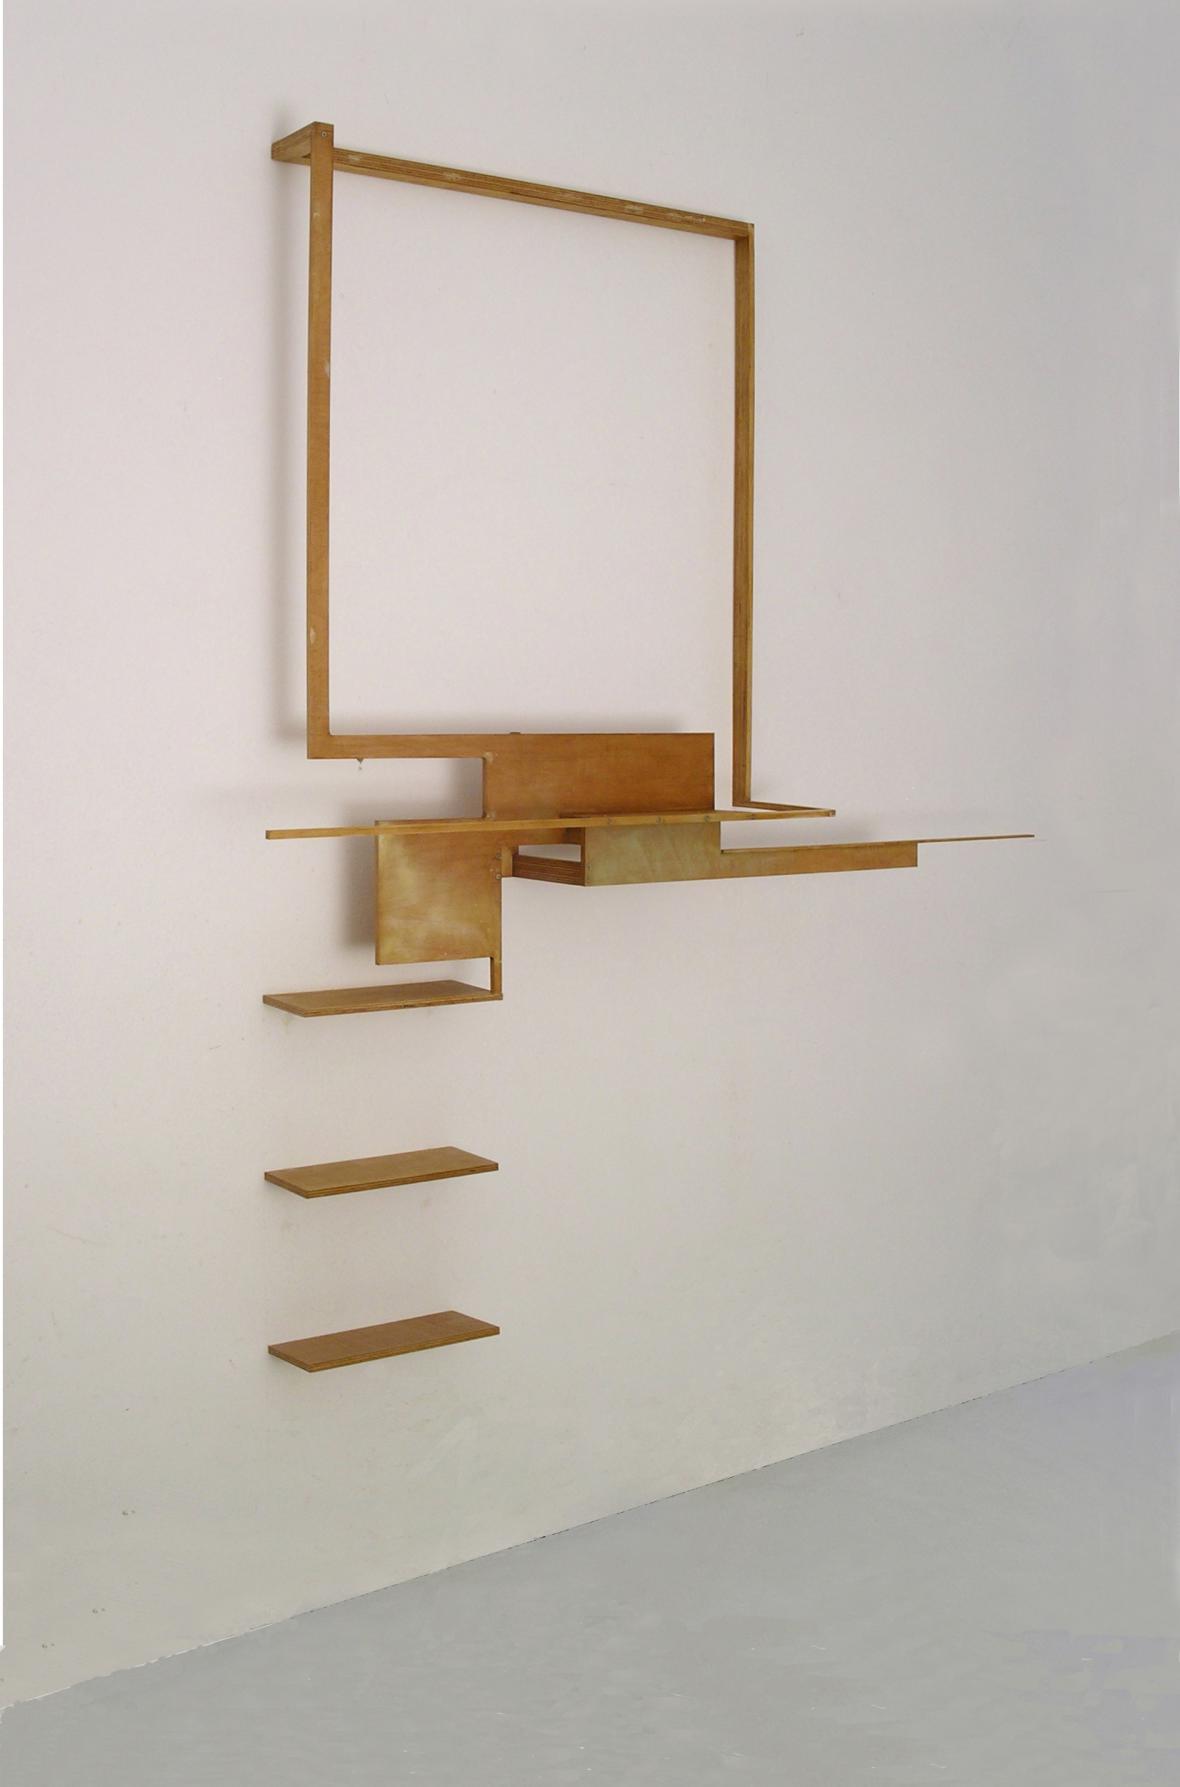 Luděk Míšek / Architektura II, 2009